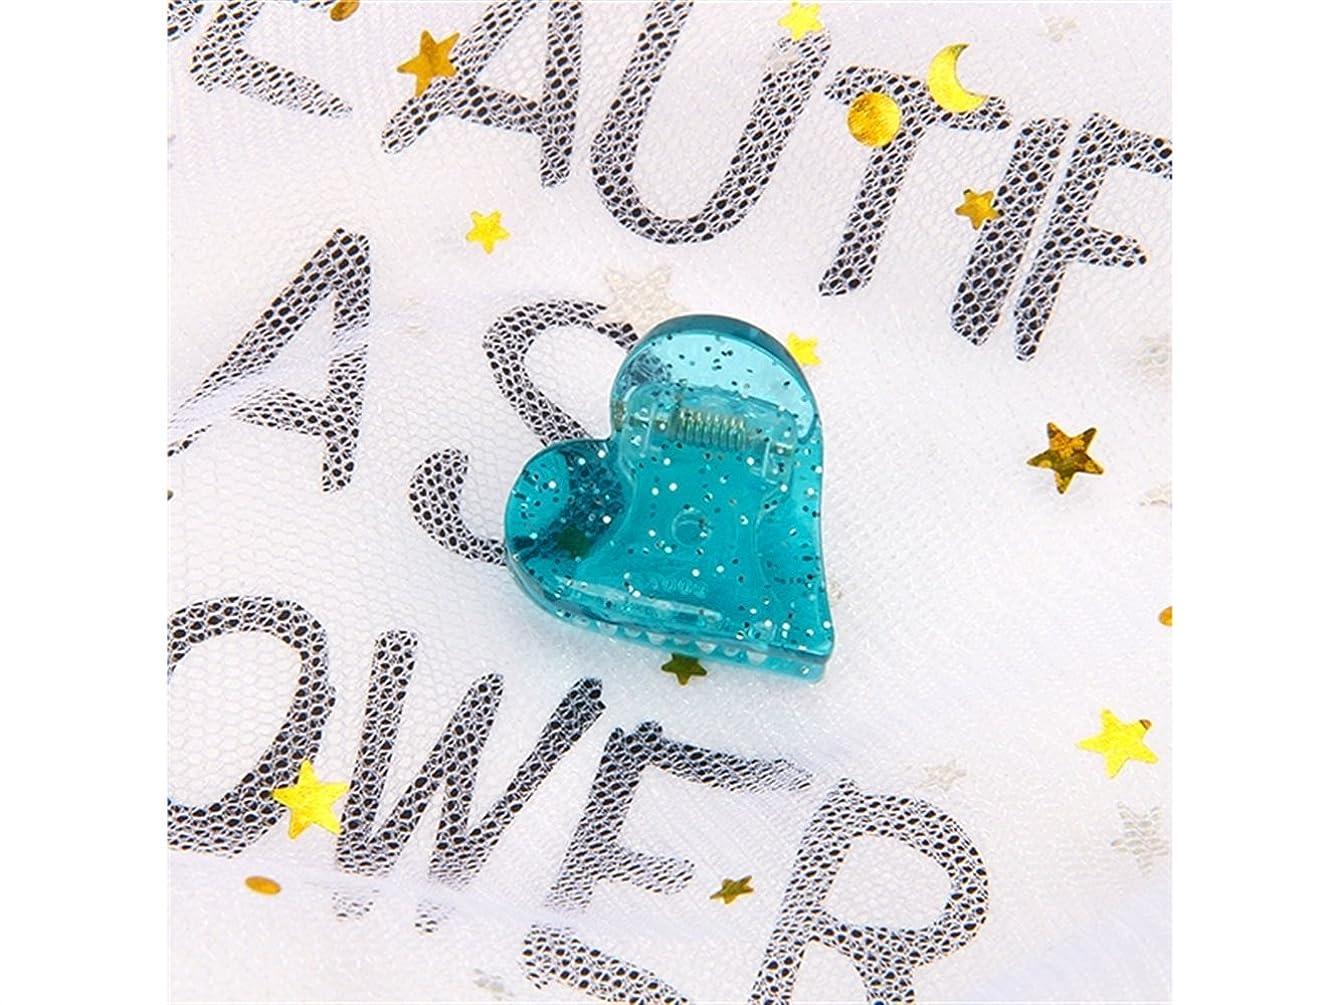 やりすぎ装置大学Osize 美しいスタイル 子供のハート型ヘアピンミニ爪クリップヘアアクセサリー(ブルー)